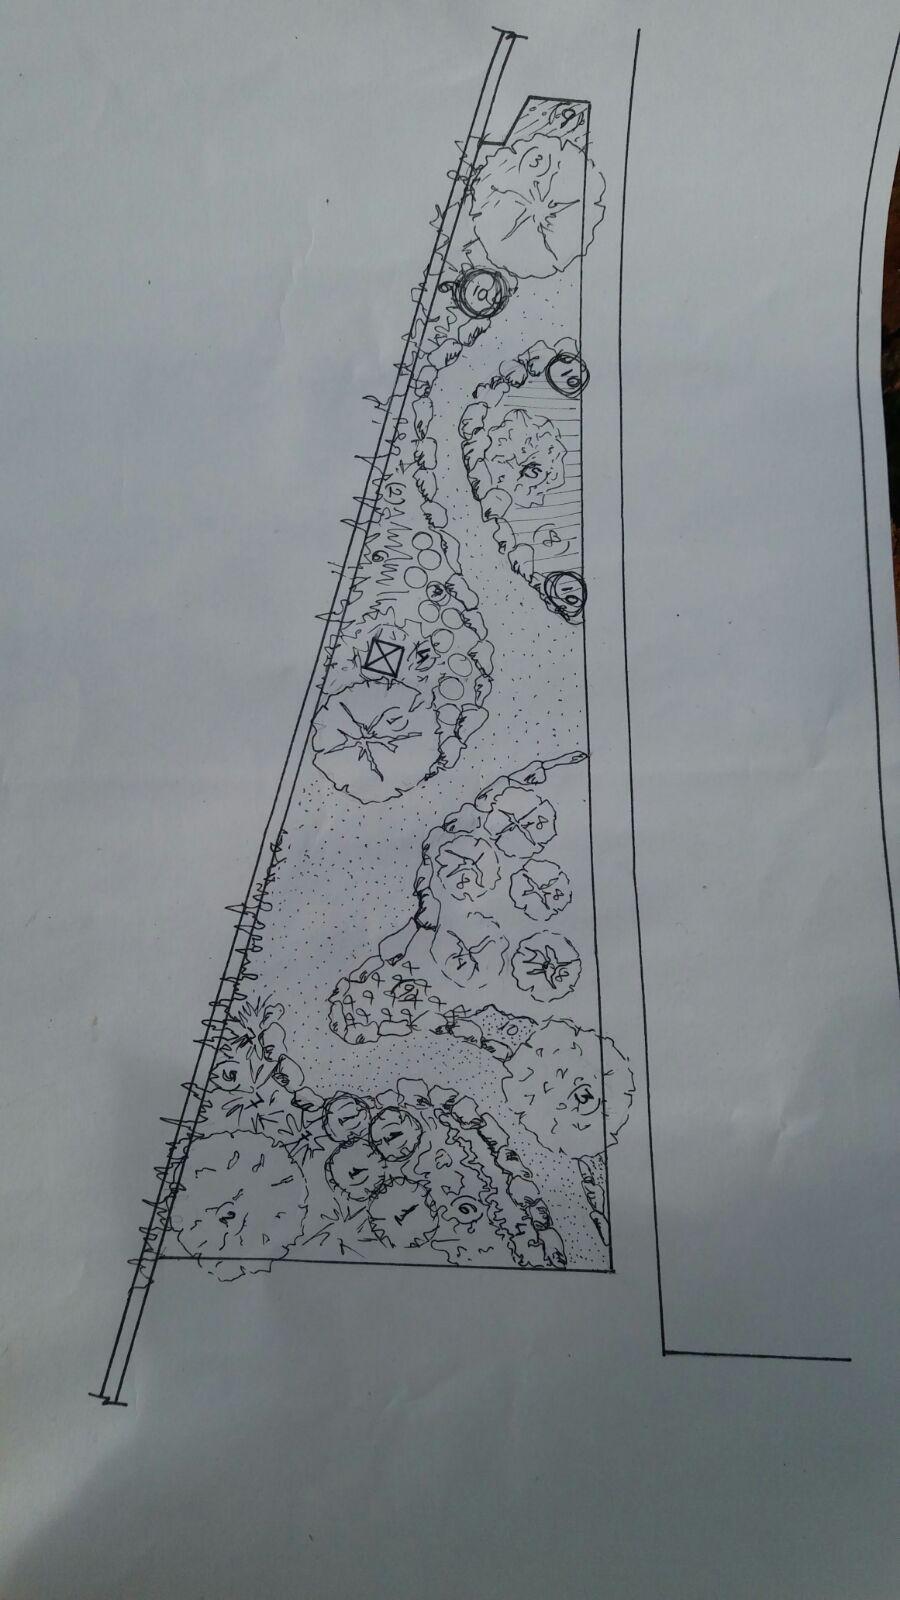 Un jard n sensorial en aldea del fresno a21 peri dico for Jardin oriental aldea del fresno